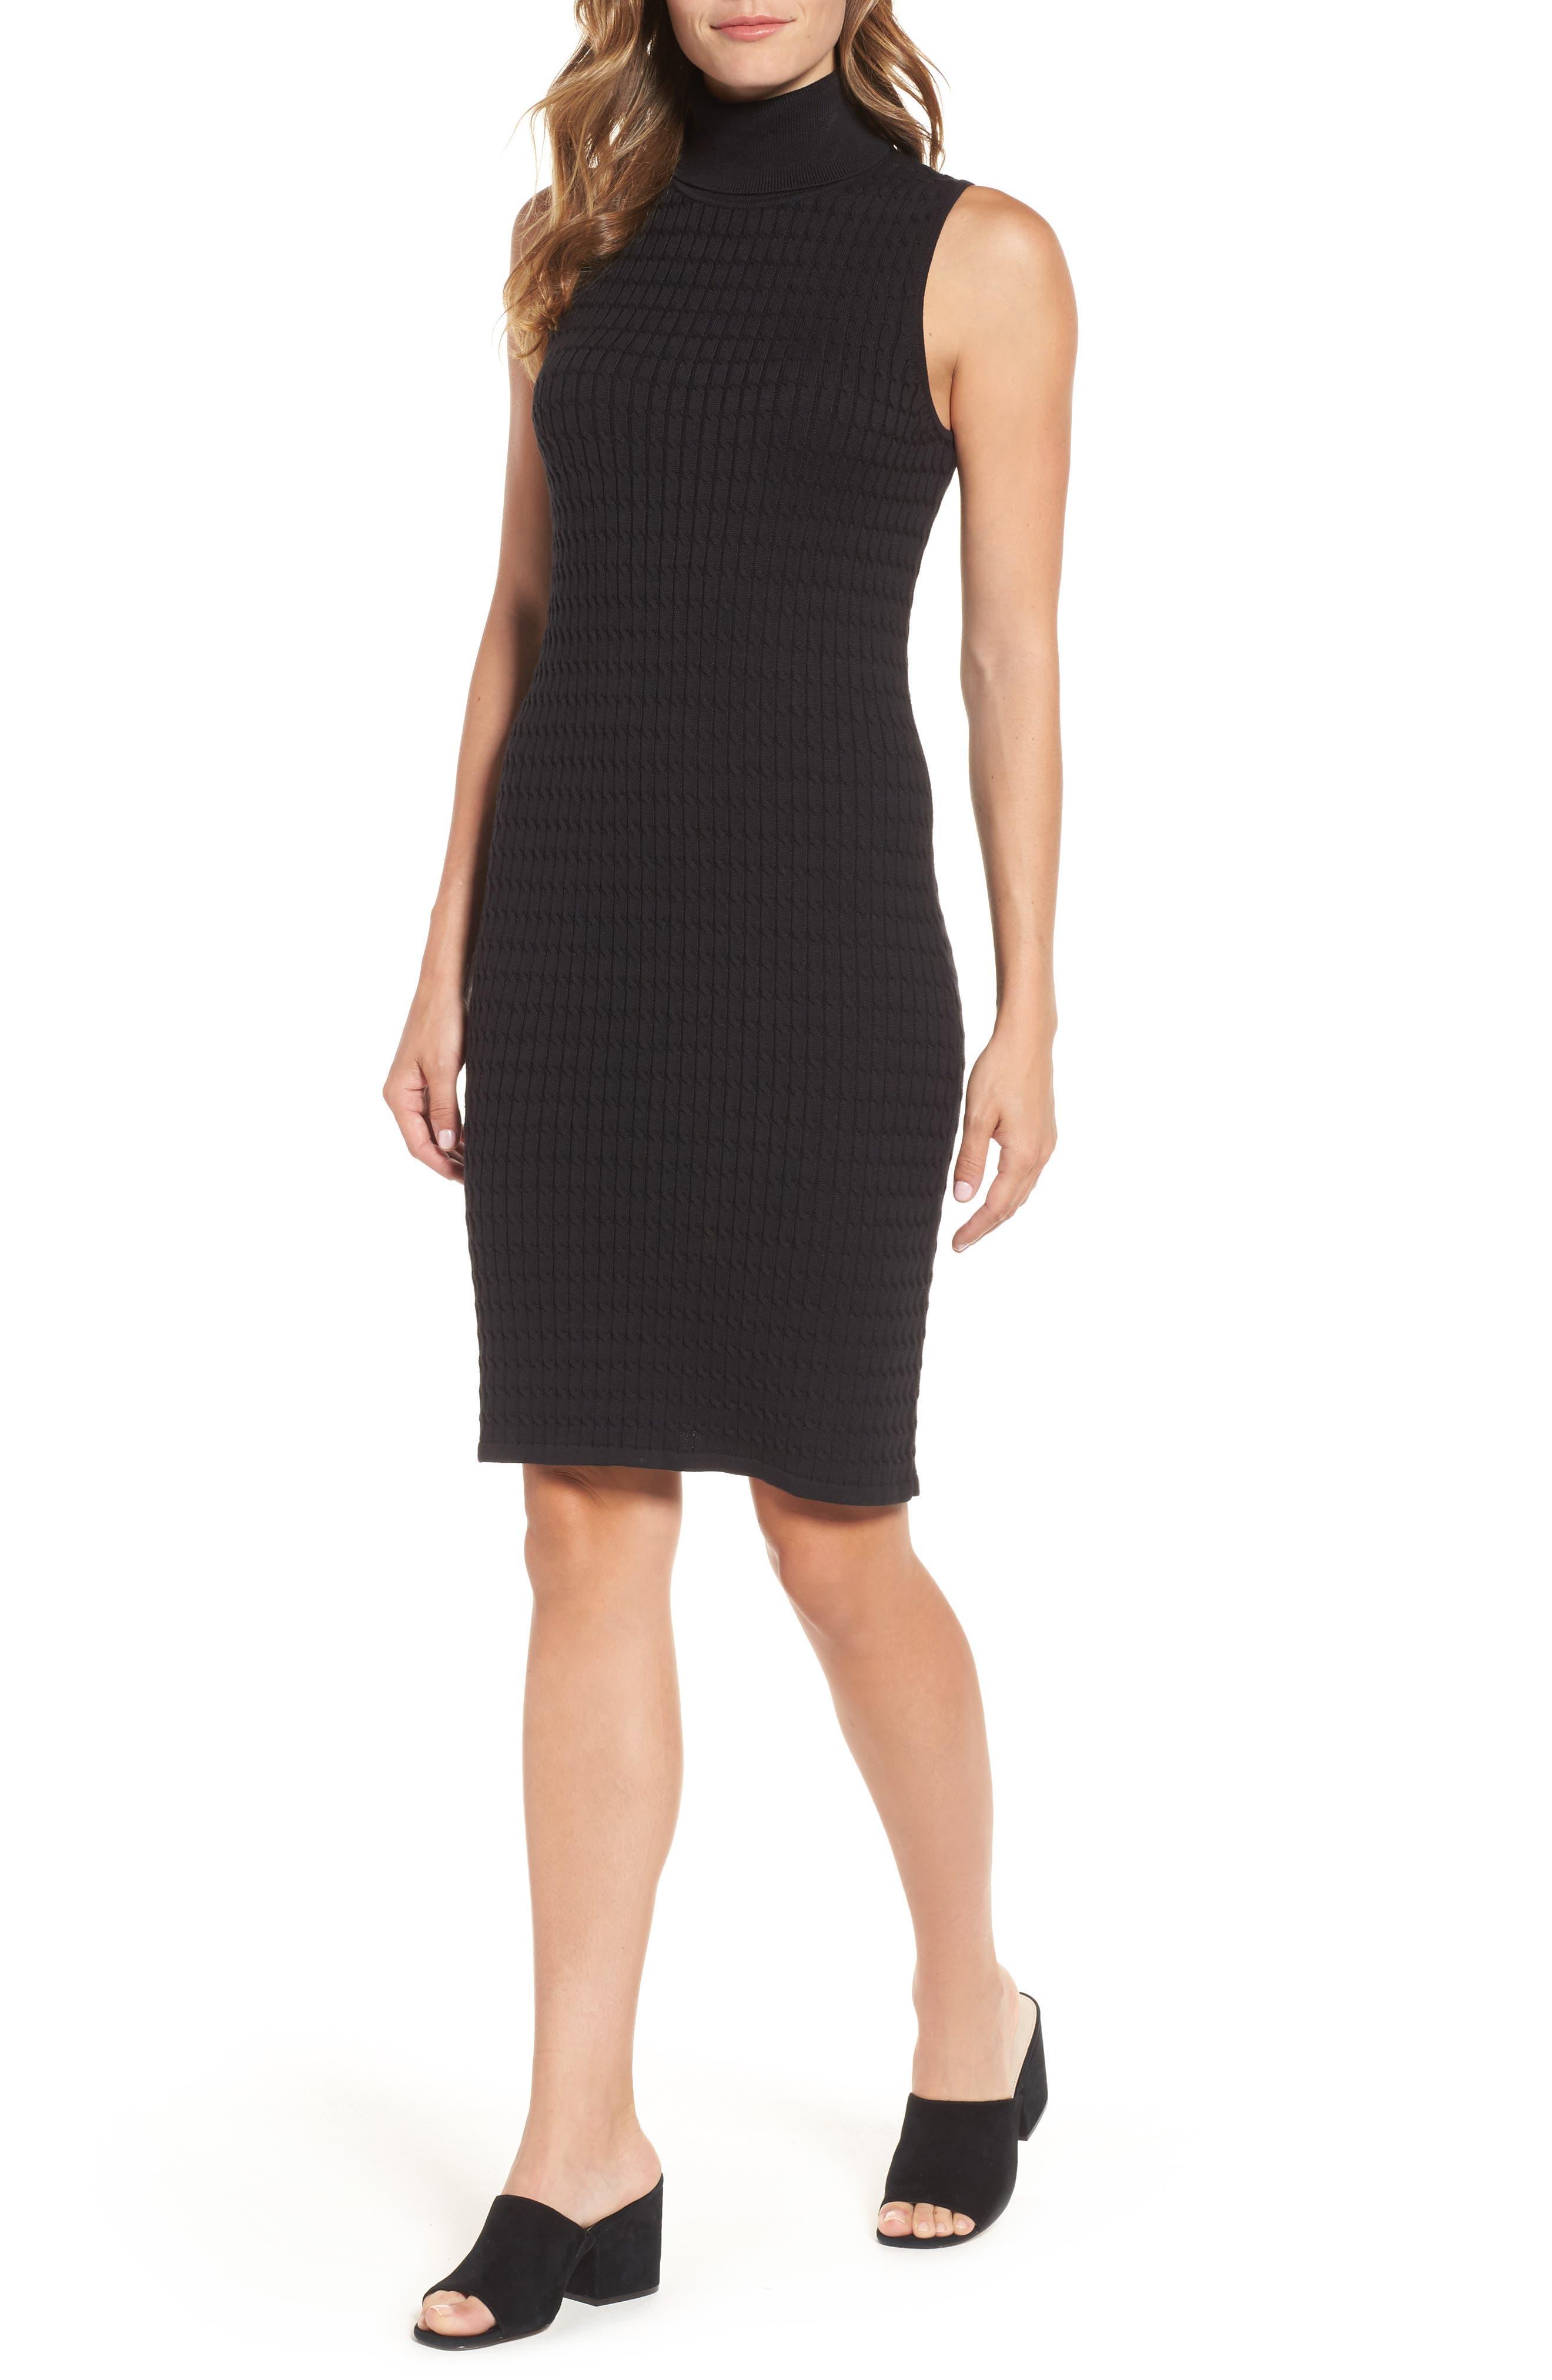 Alternate Image 1 Selected - Tommy Bahama Sleeveless Turtleneck Dress